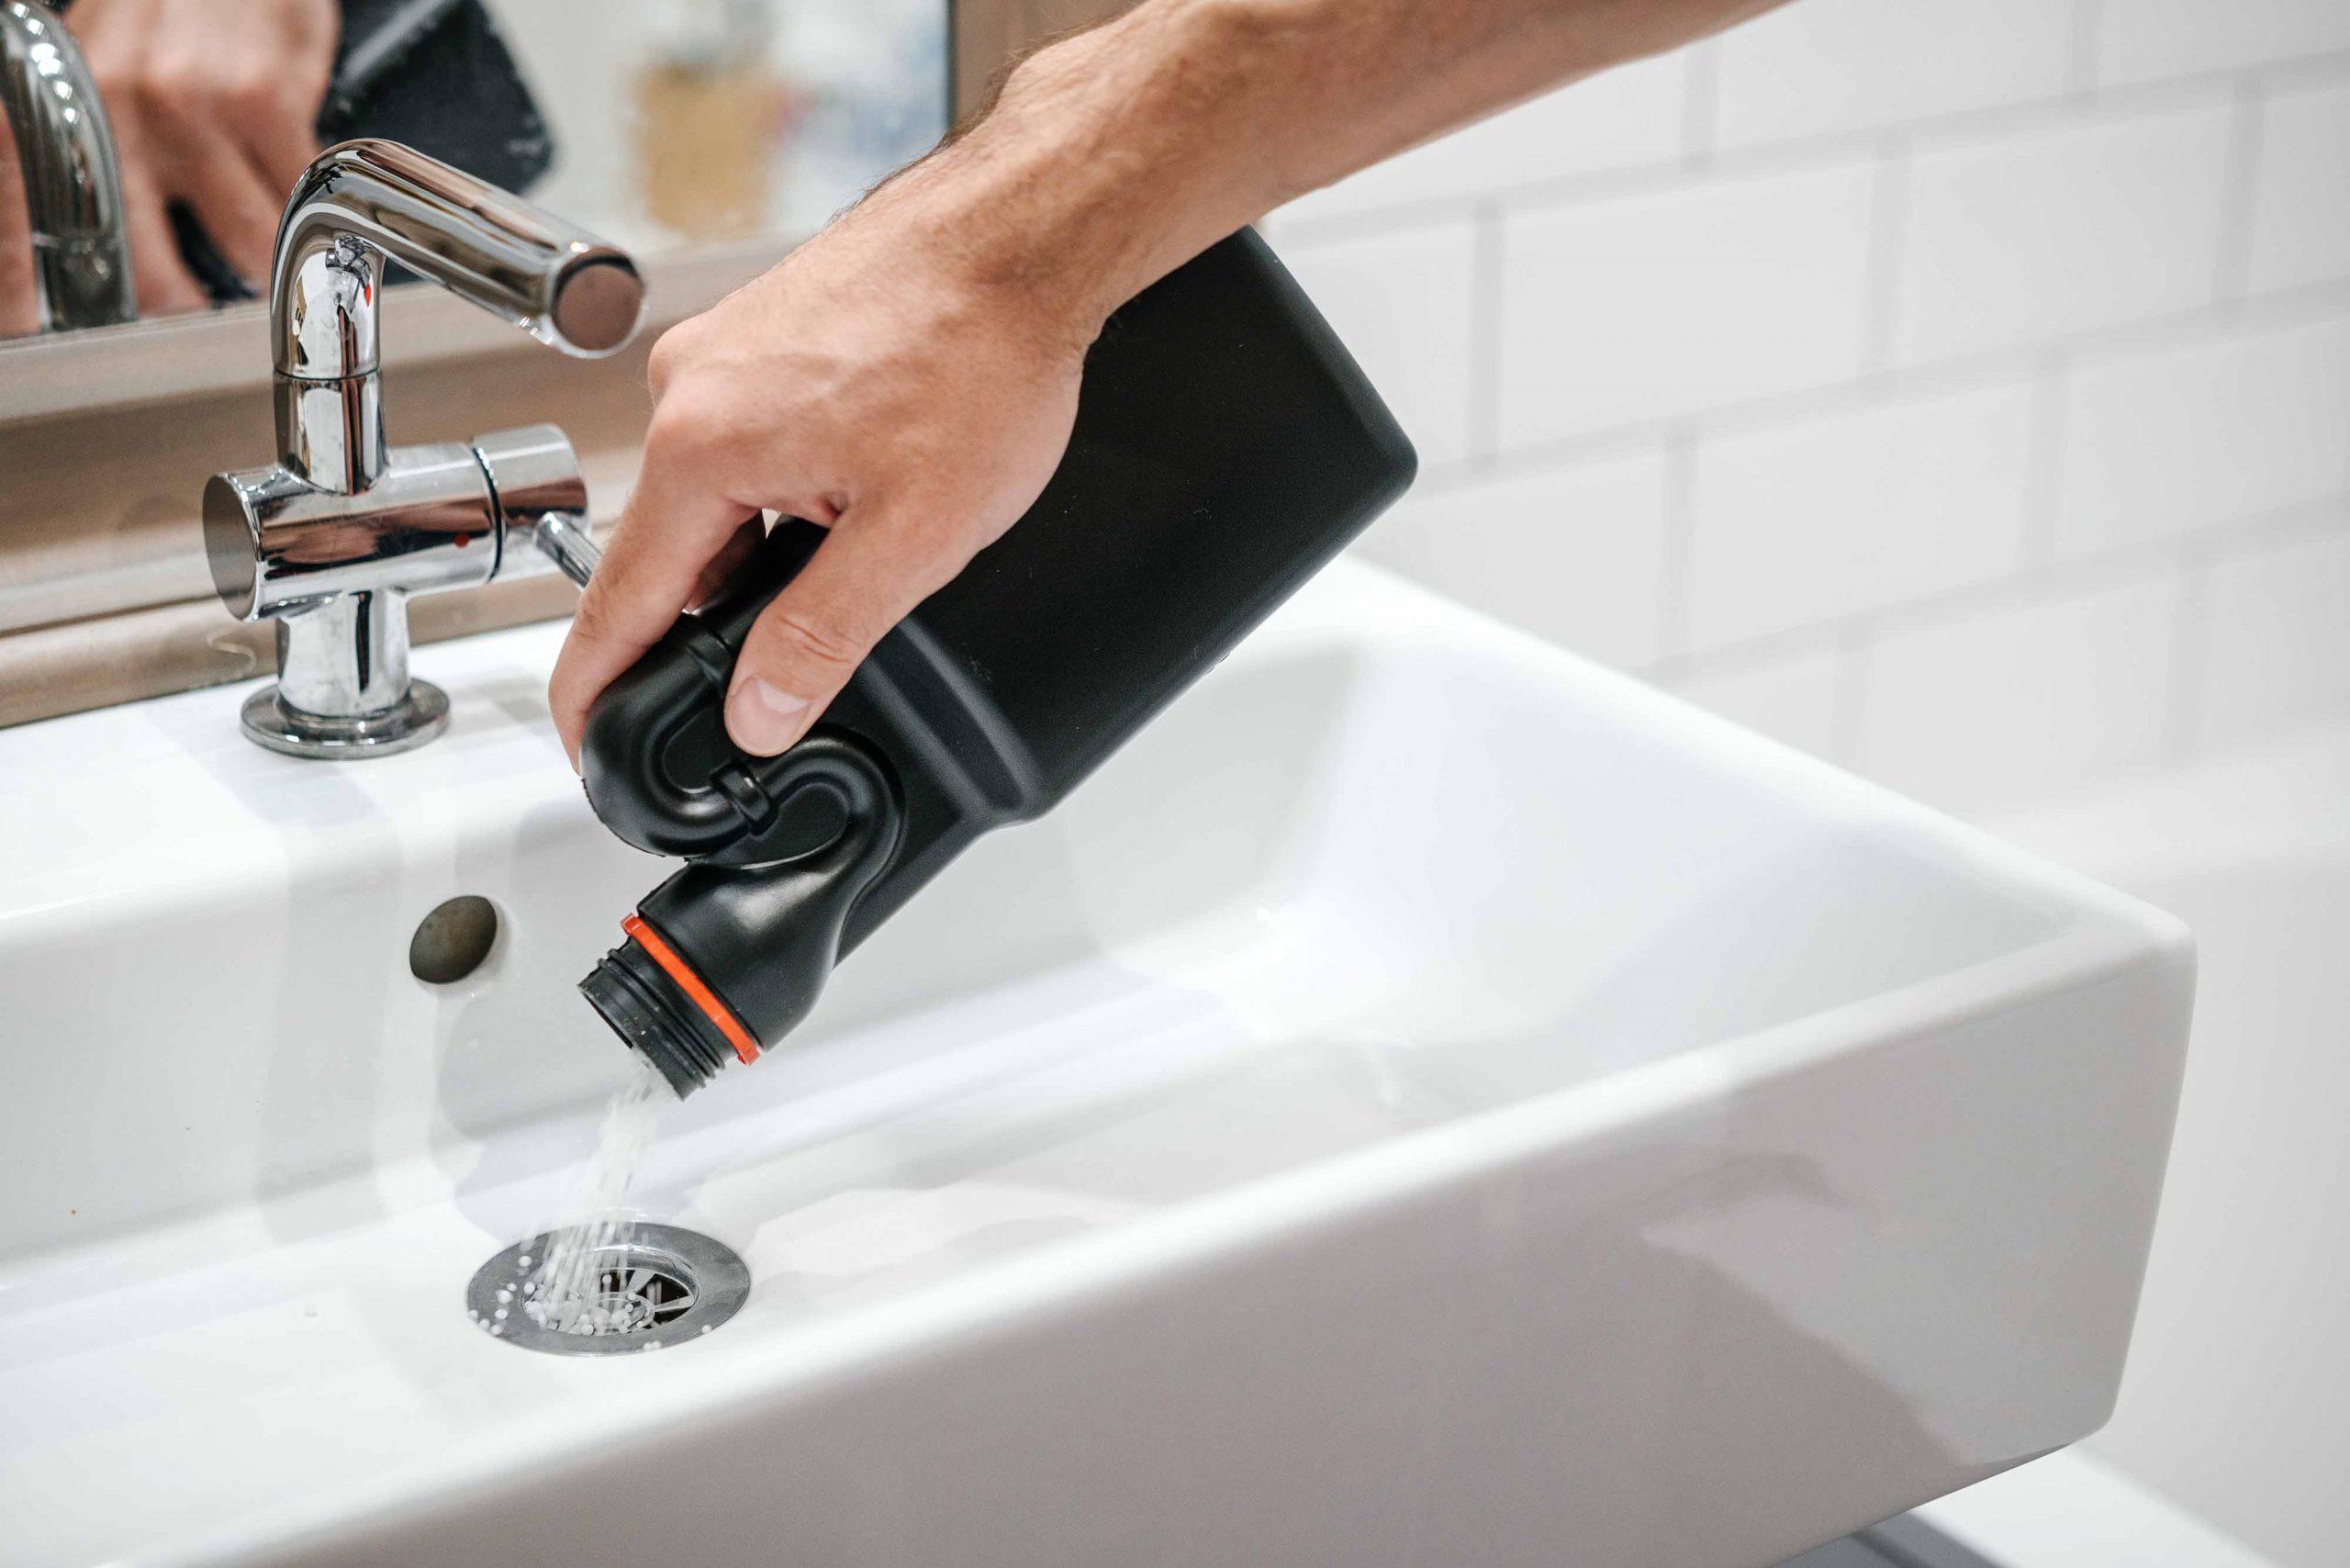 smelly bathroom drains